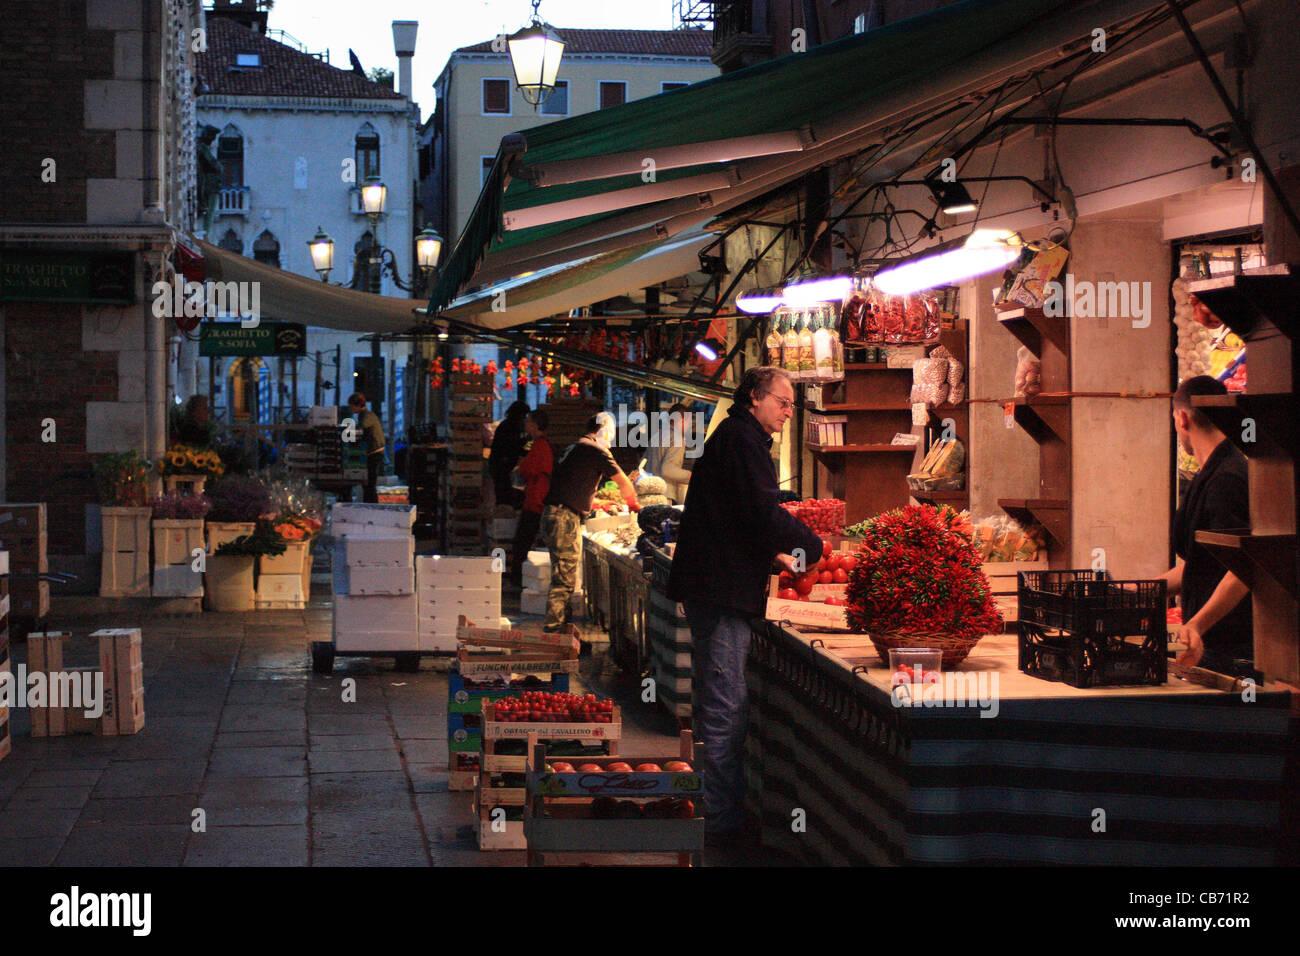 Temprano en la mañana - mercado de fruta y pescado de Rialto en Venecia, Italia Foto de stock